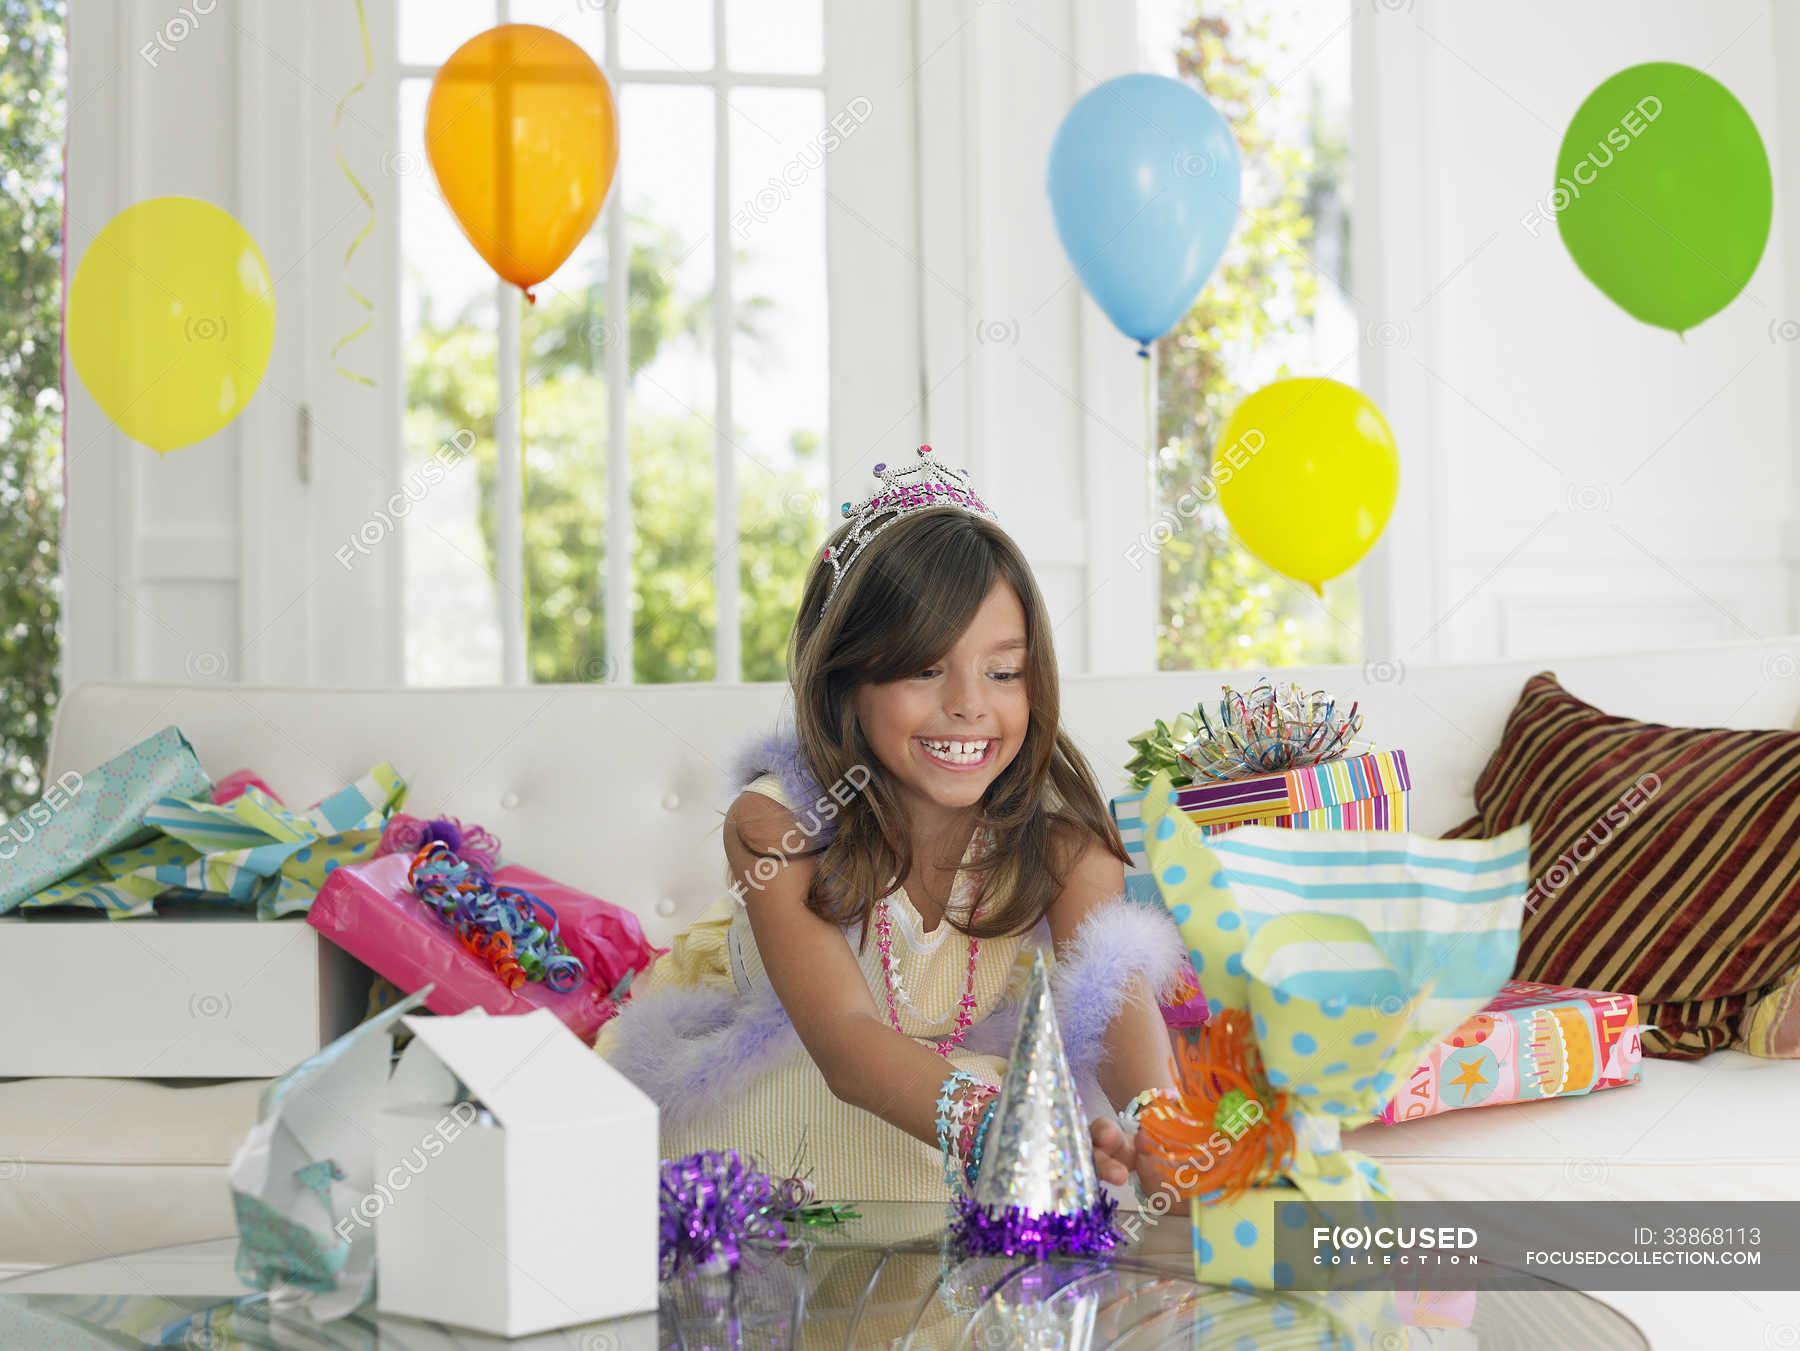 Подарки для девочки 10 лет на день рождения фото